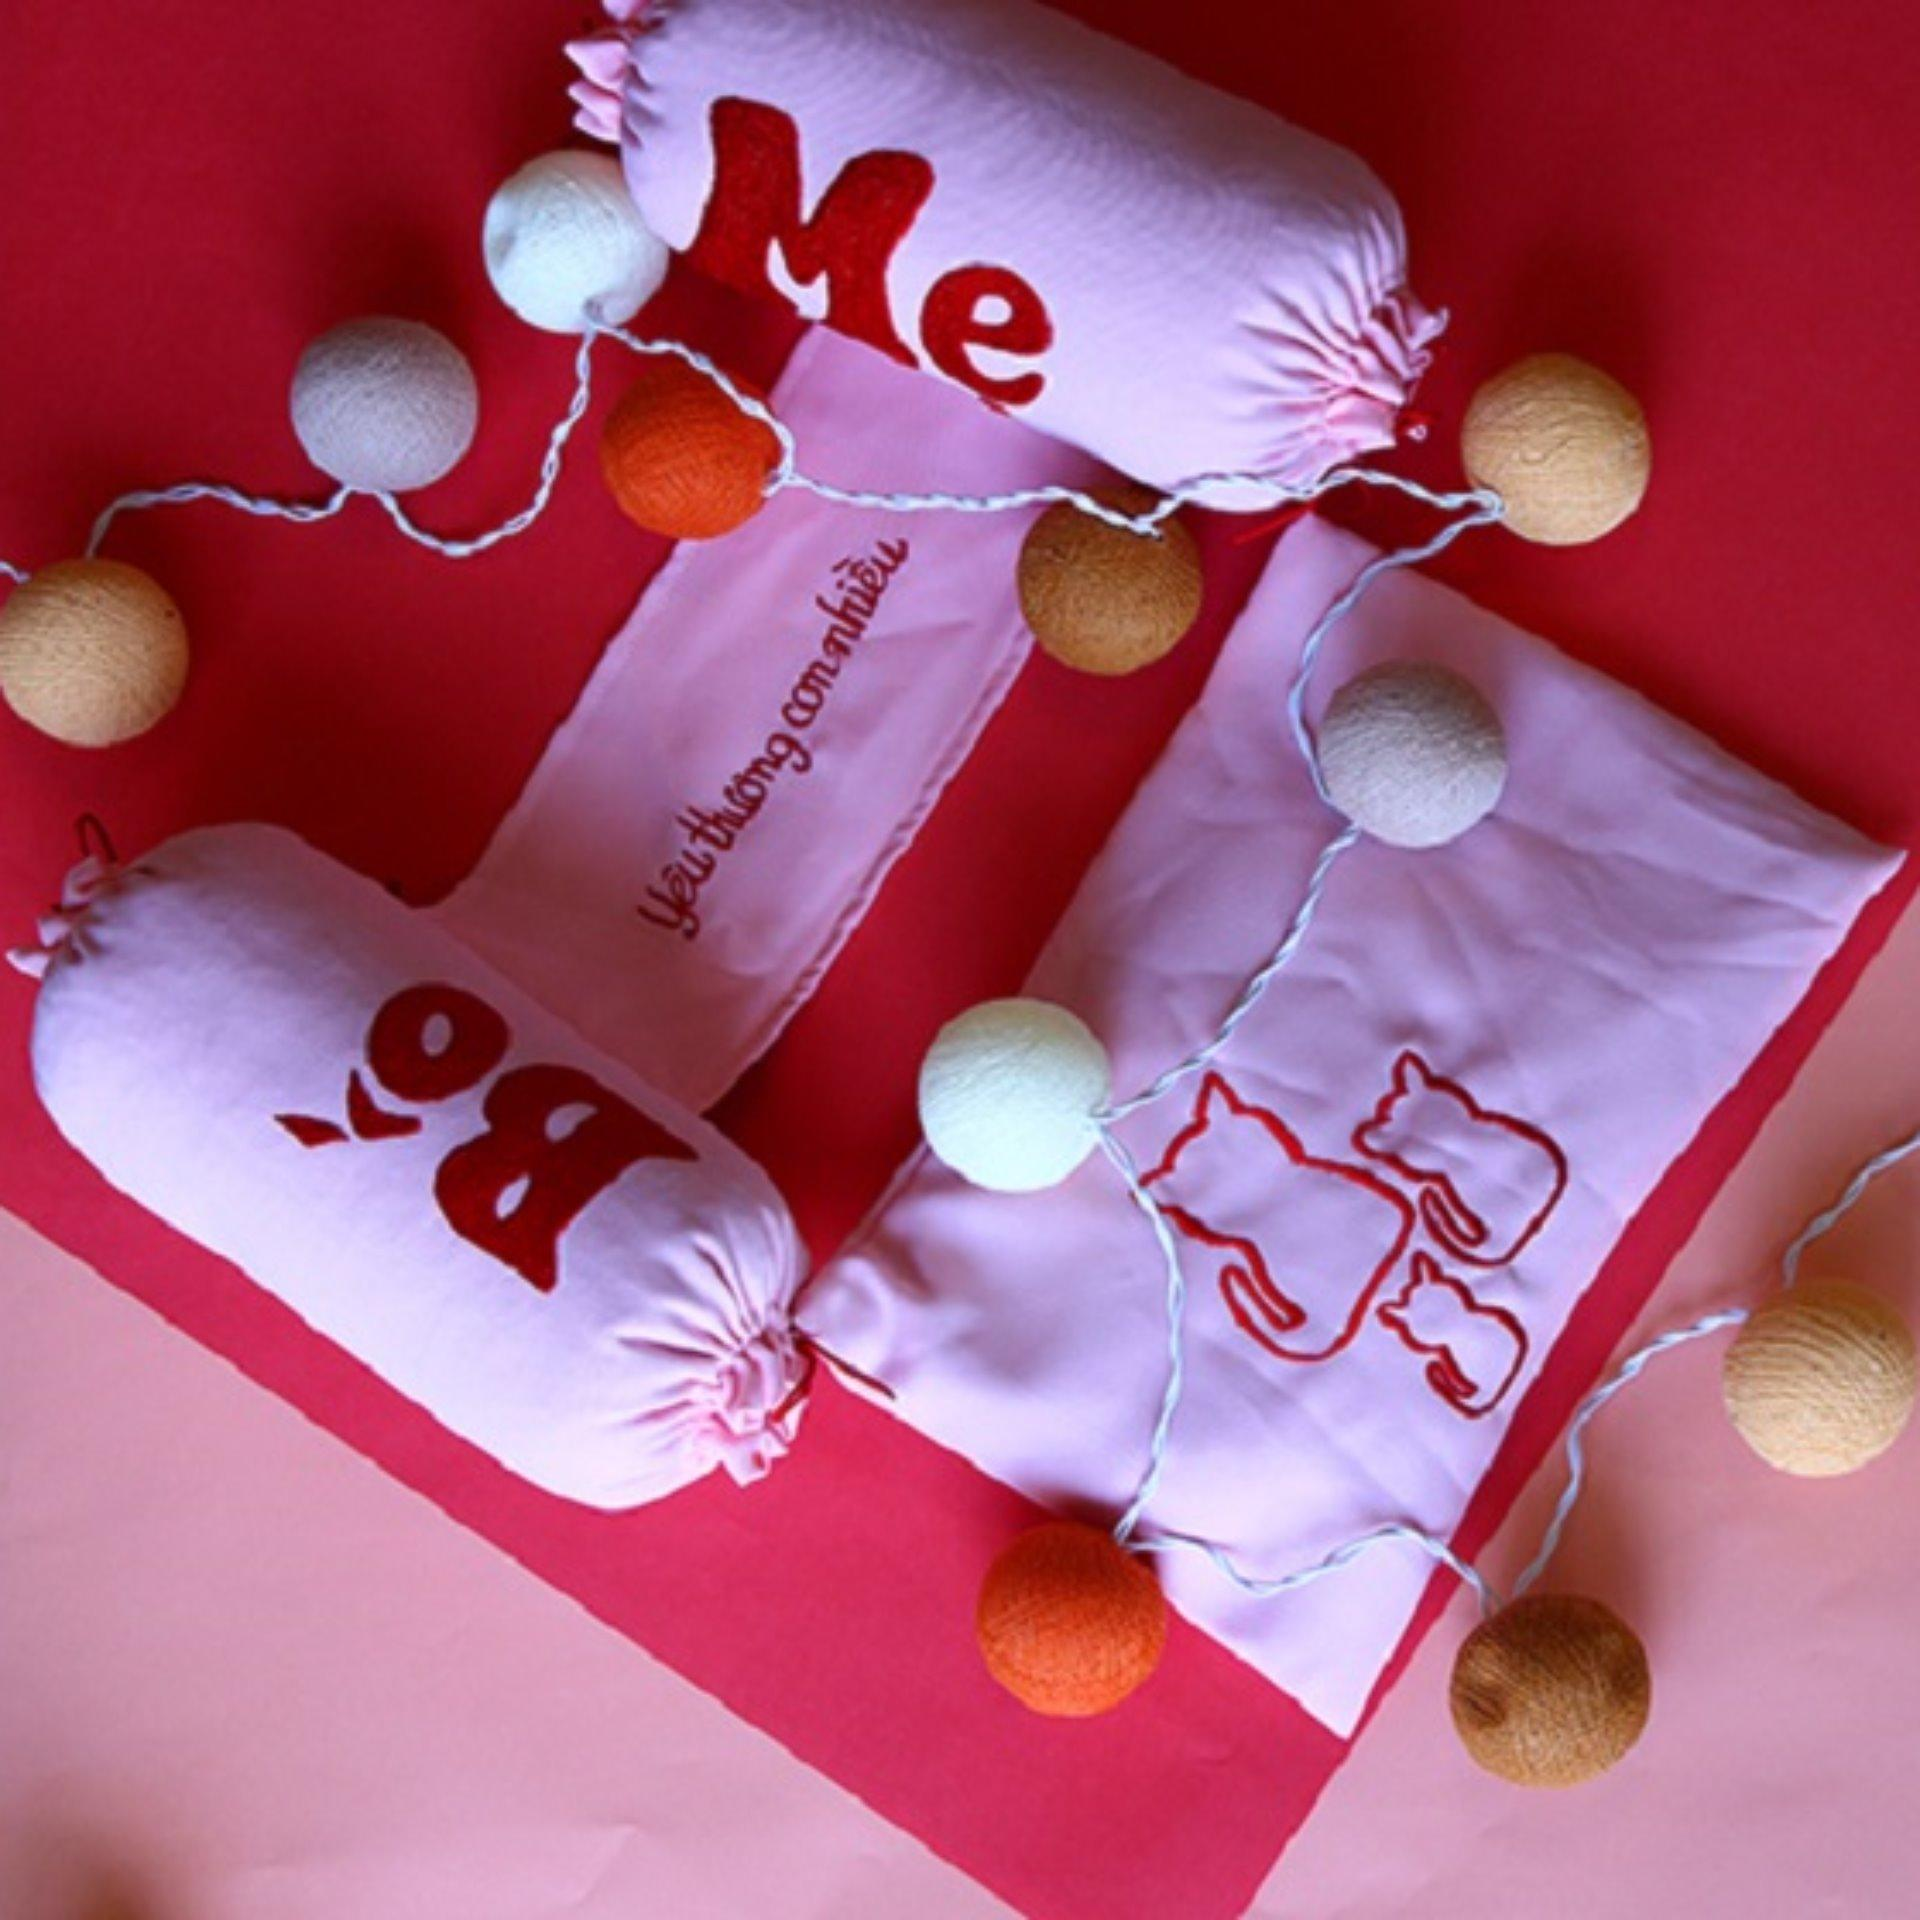 Bộ gối chặn vỏ đậu xanh trẻ sơ sinh handmade cao cấp H2C hồng nhạt (vải text chéo)